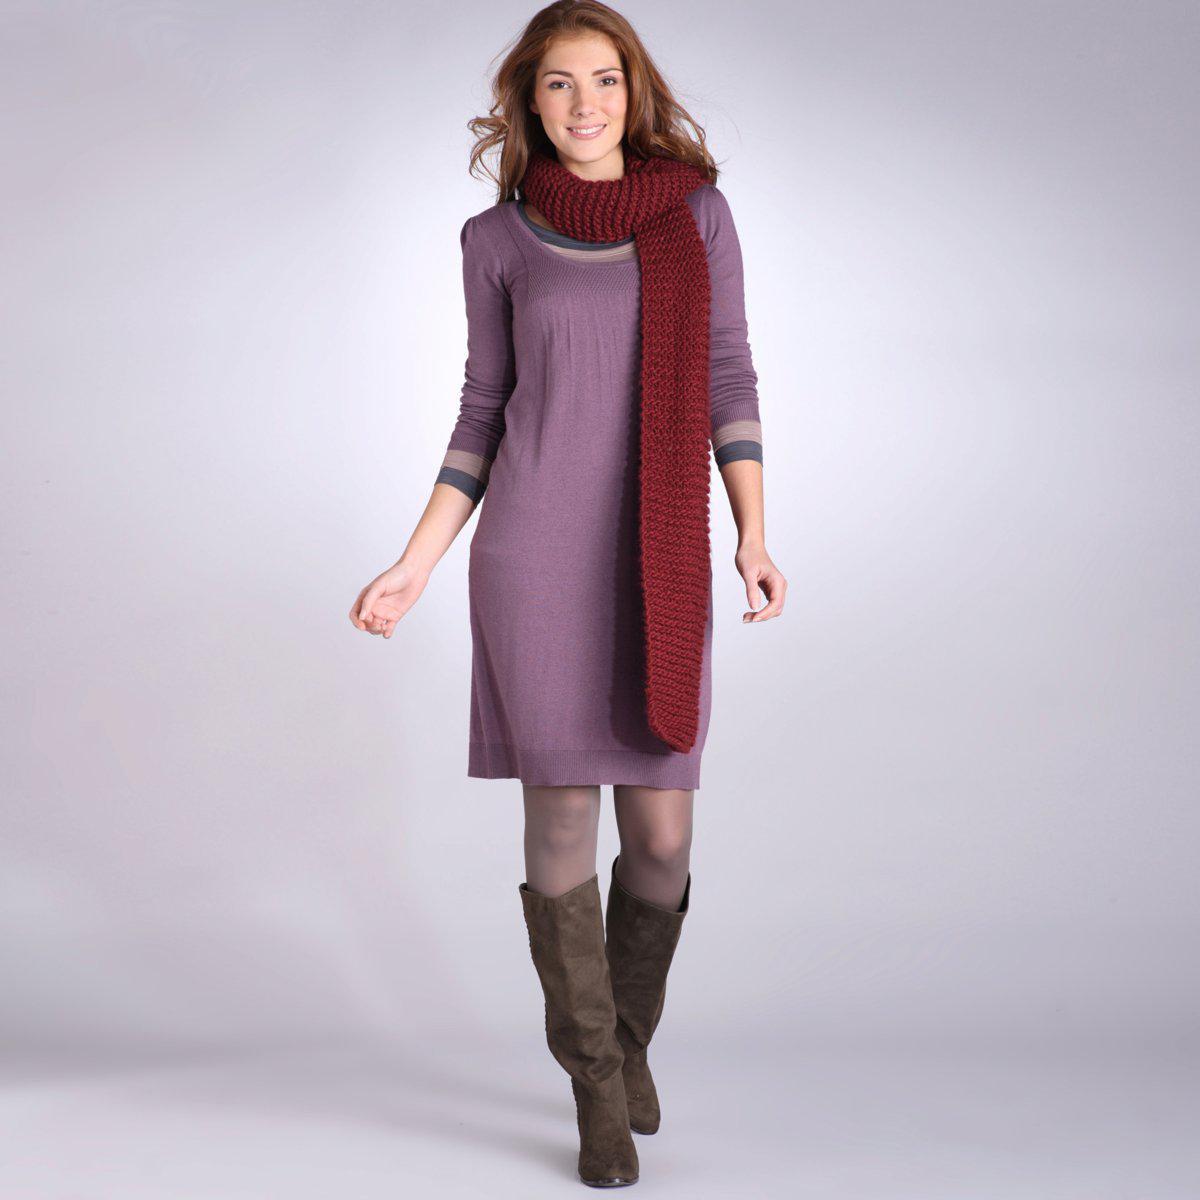 Βραδυνα Φορεματα LaRedoute Χειμώνας 2012 Κωδ. 324205624 660ca64191f